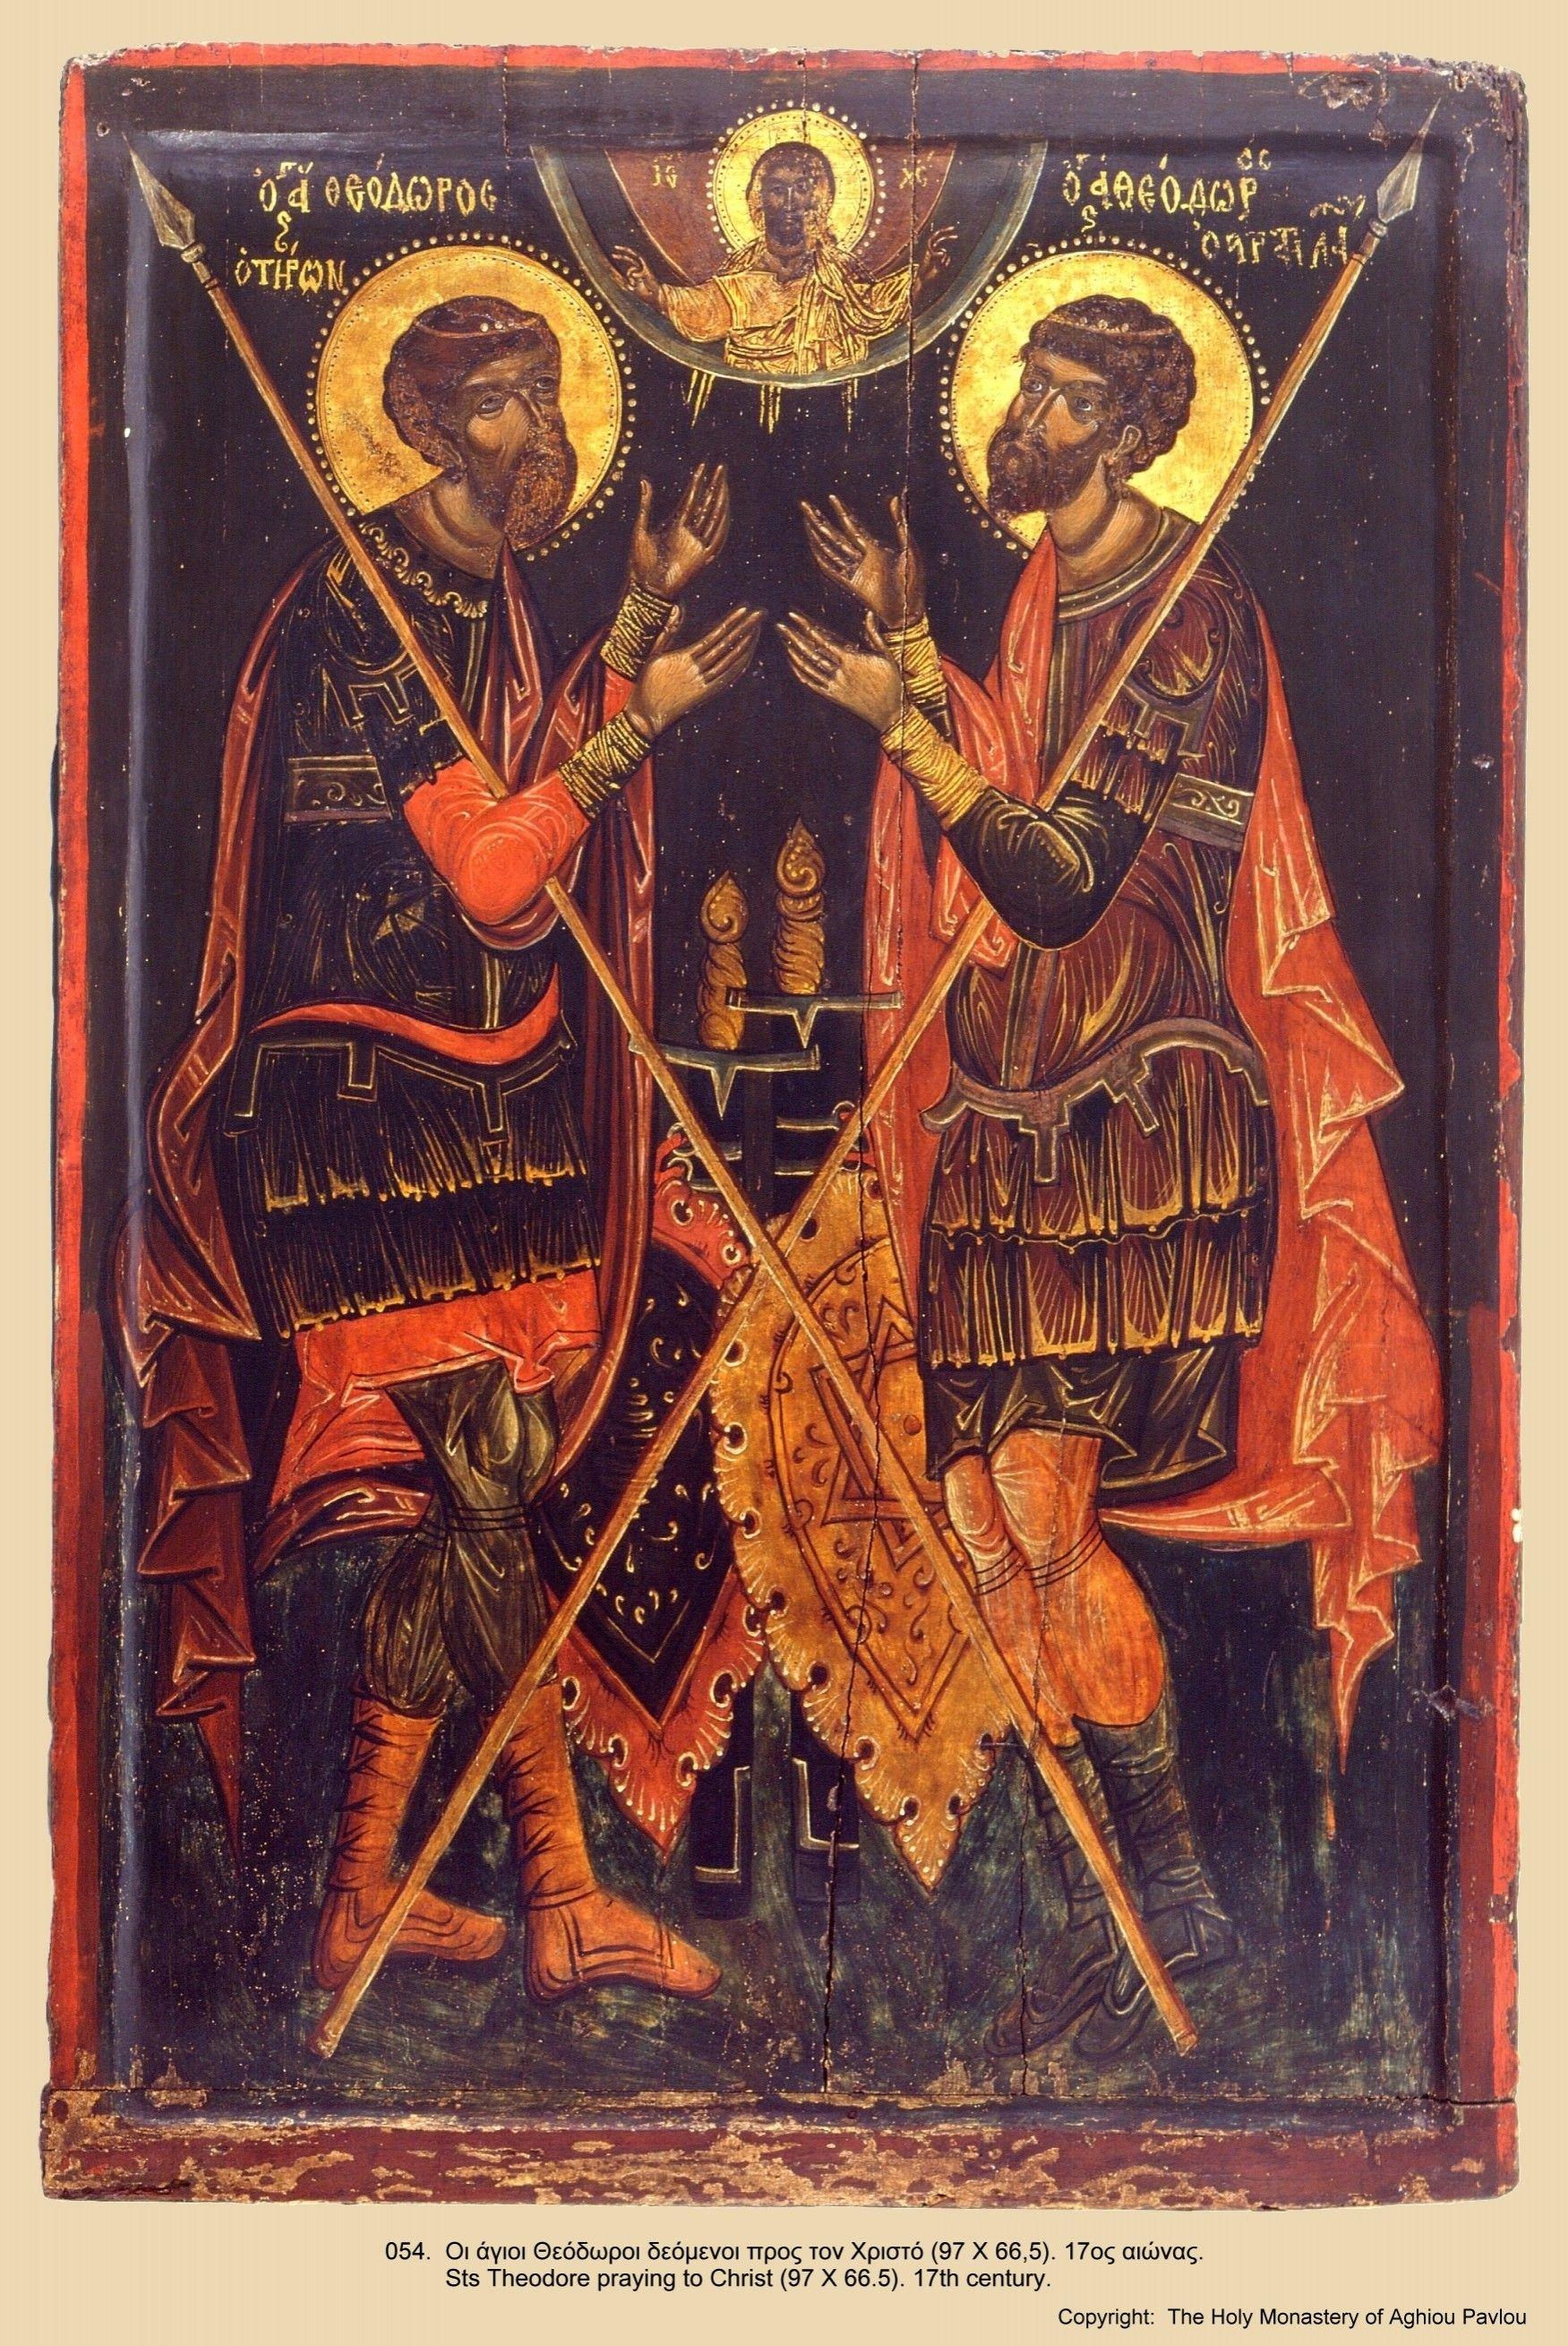 Великомученики Феодор Тирон и Феодор Стратилат.  Икона. Монастырь святого Павла. Афон. XVII век.